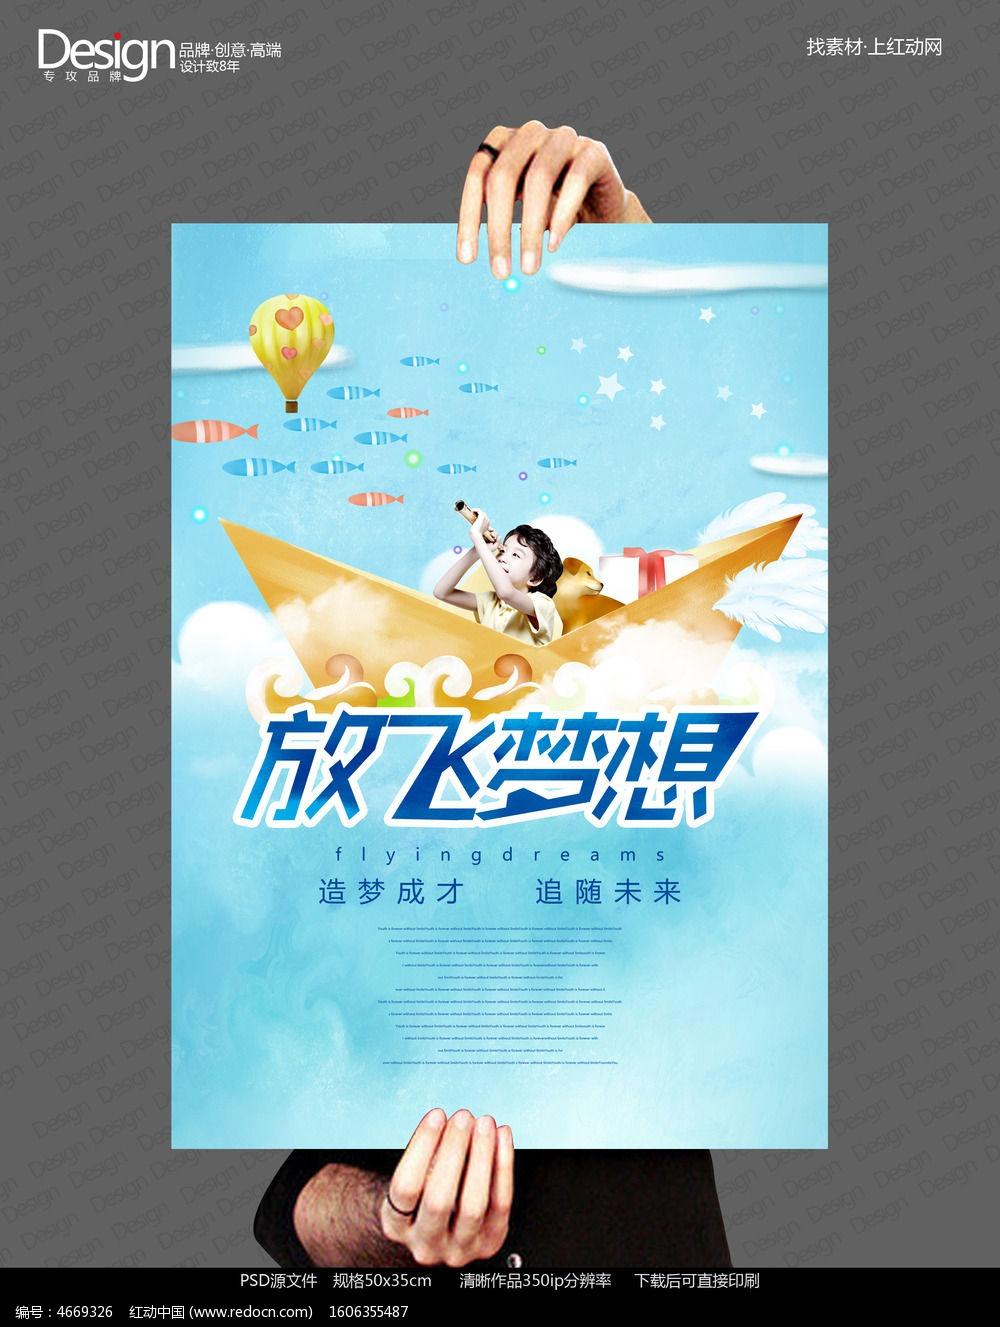 原创设计稿 海报设计/宣传单/广告牌 海报设计 创意儿童校园放飞梦想图片